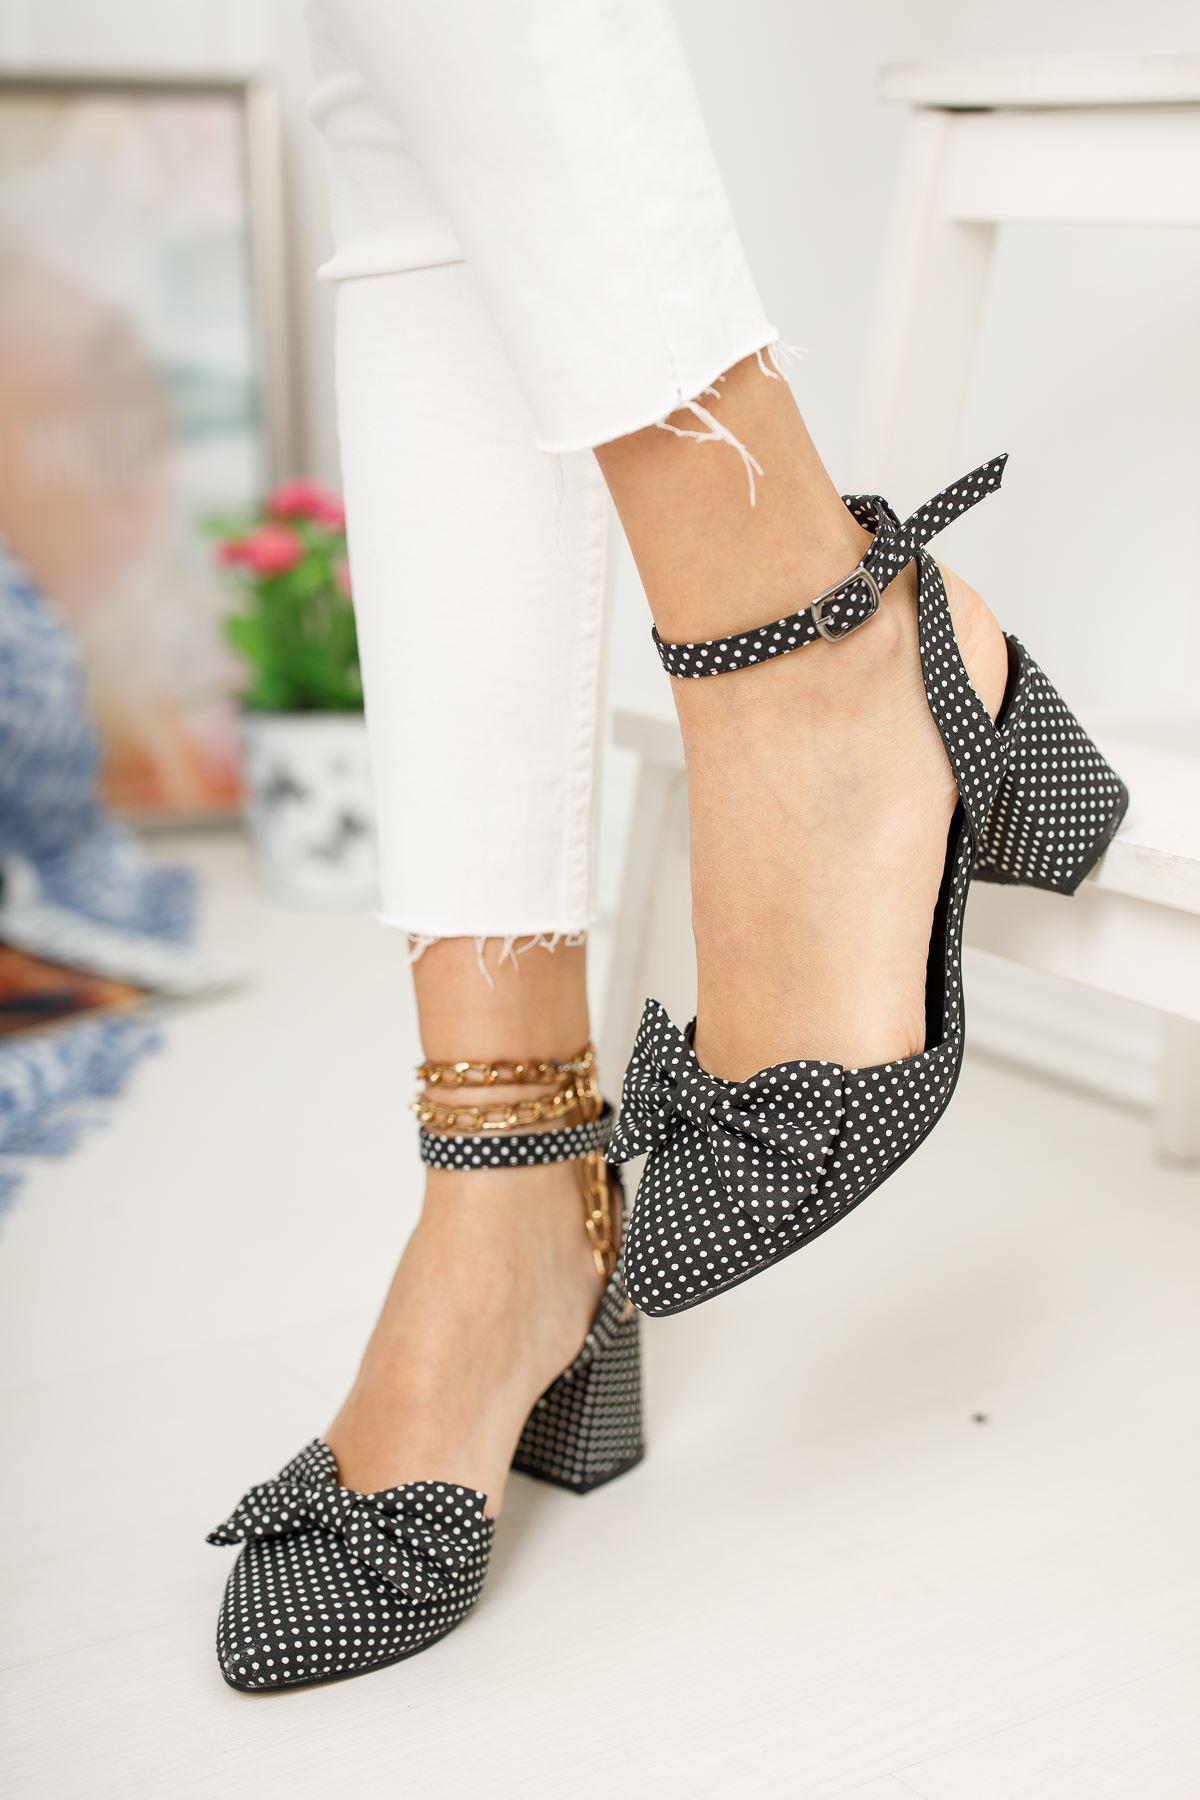 Kadın Petas Puantiye Hafif Topuklu Ayakkabı Siyah